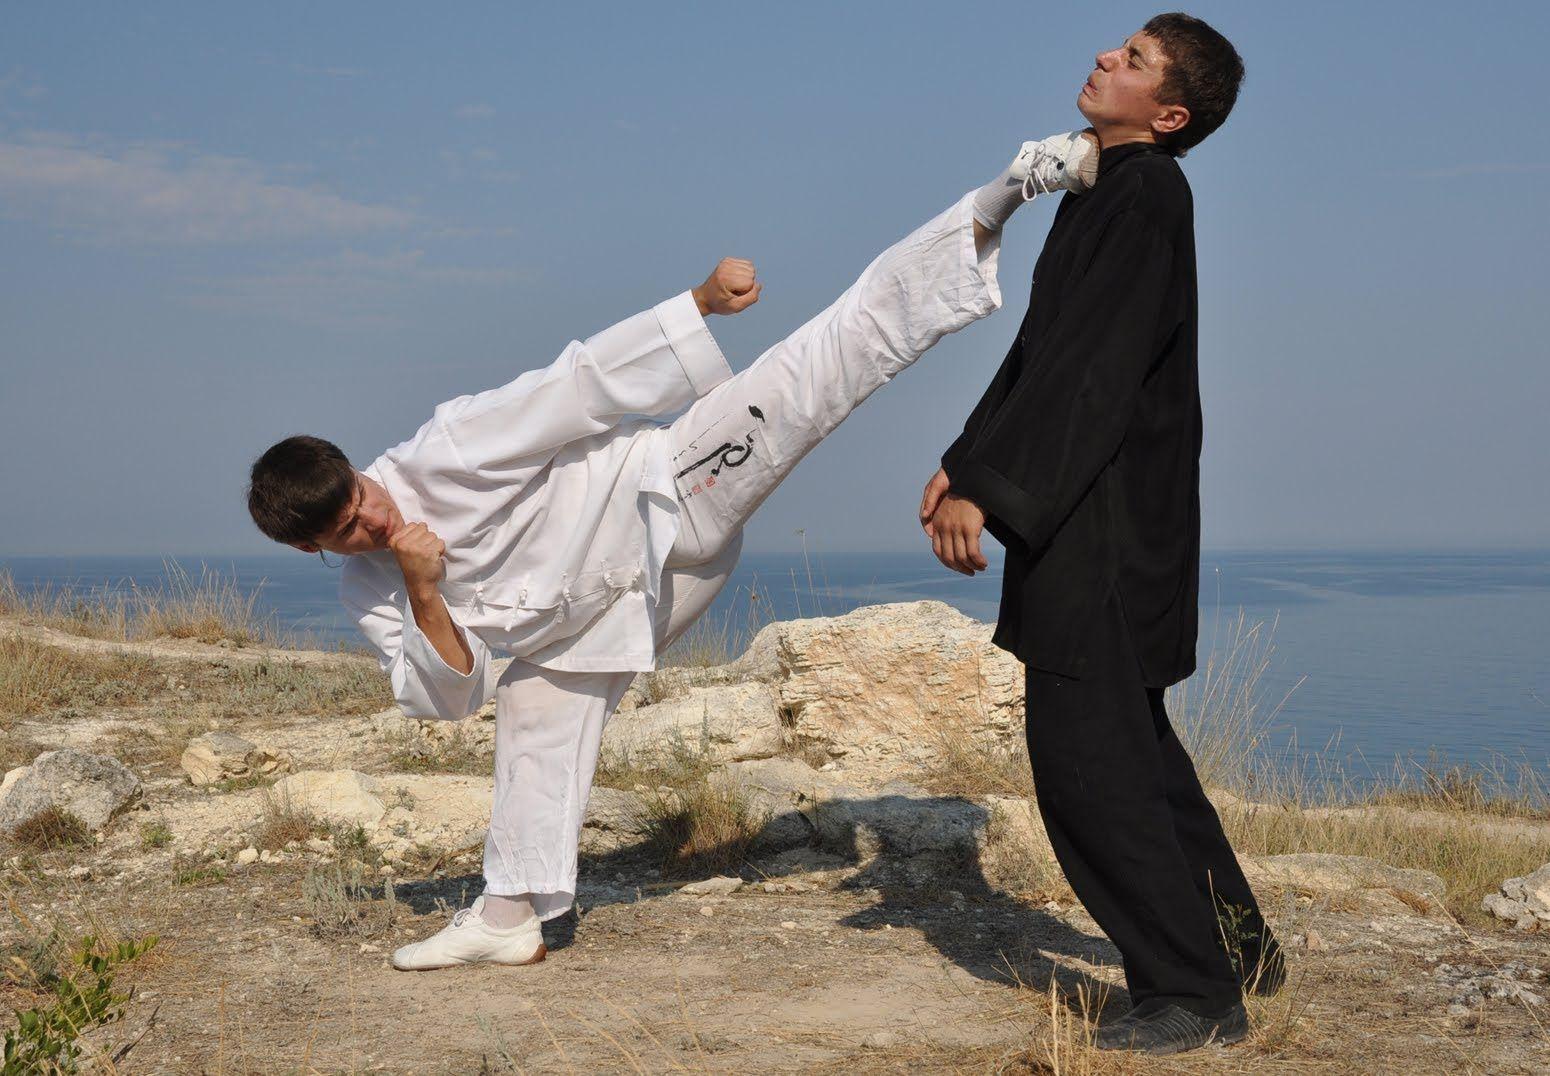 Kick defence - AL present Martial Arts(MMA)